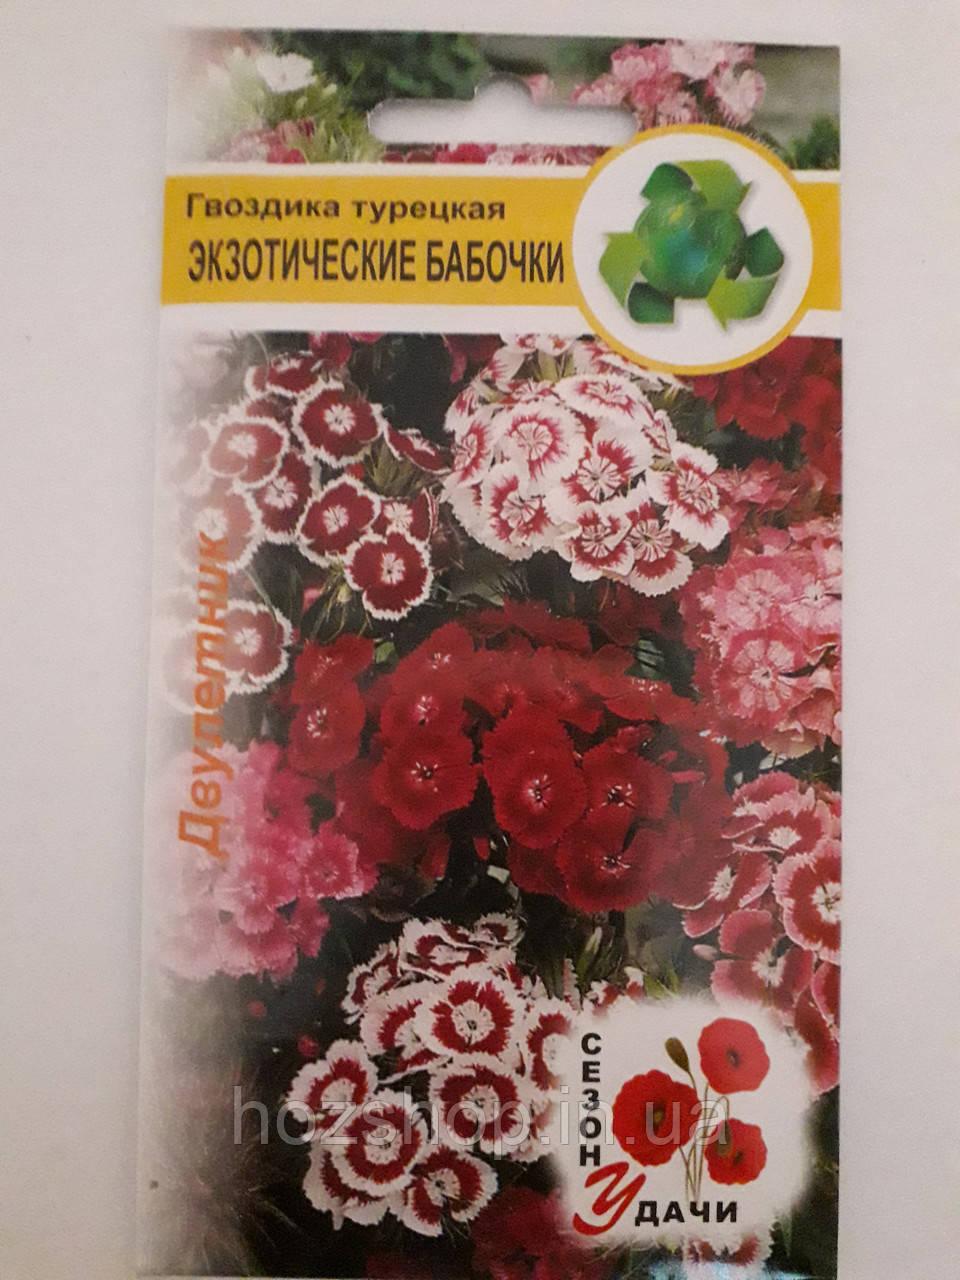 Гвоздика турецька Екзотичні метелики дворічник 0,4 г(мінімальне замовлення 25 пачок)